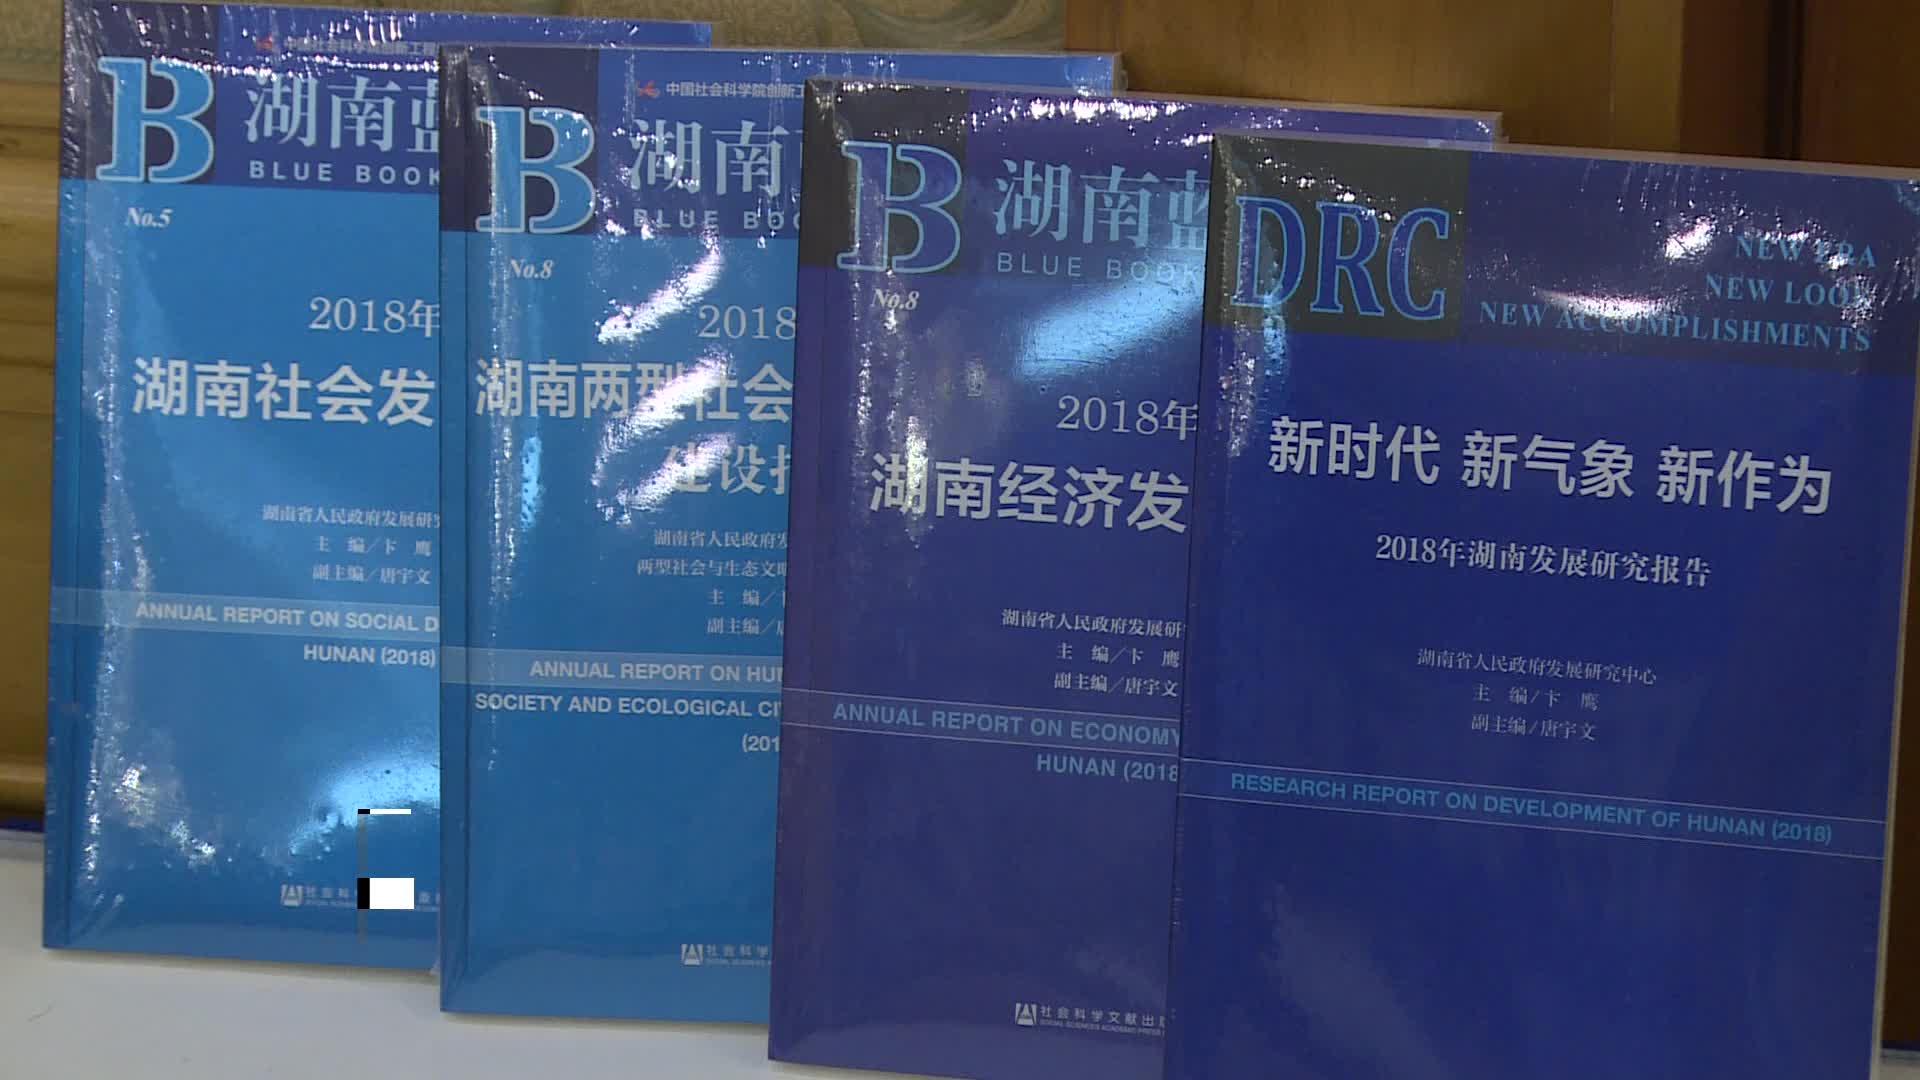 2018年《湖南蓝皮书》发布 预计全省上半年经济增长7.9%左右